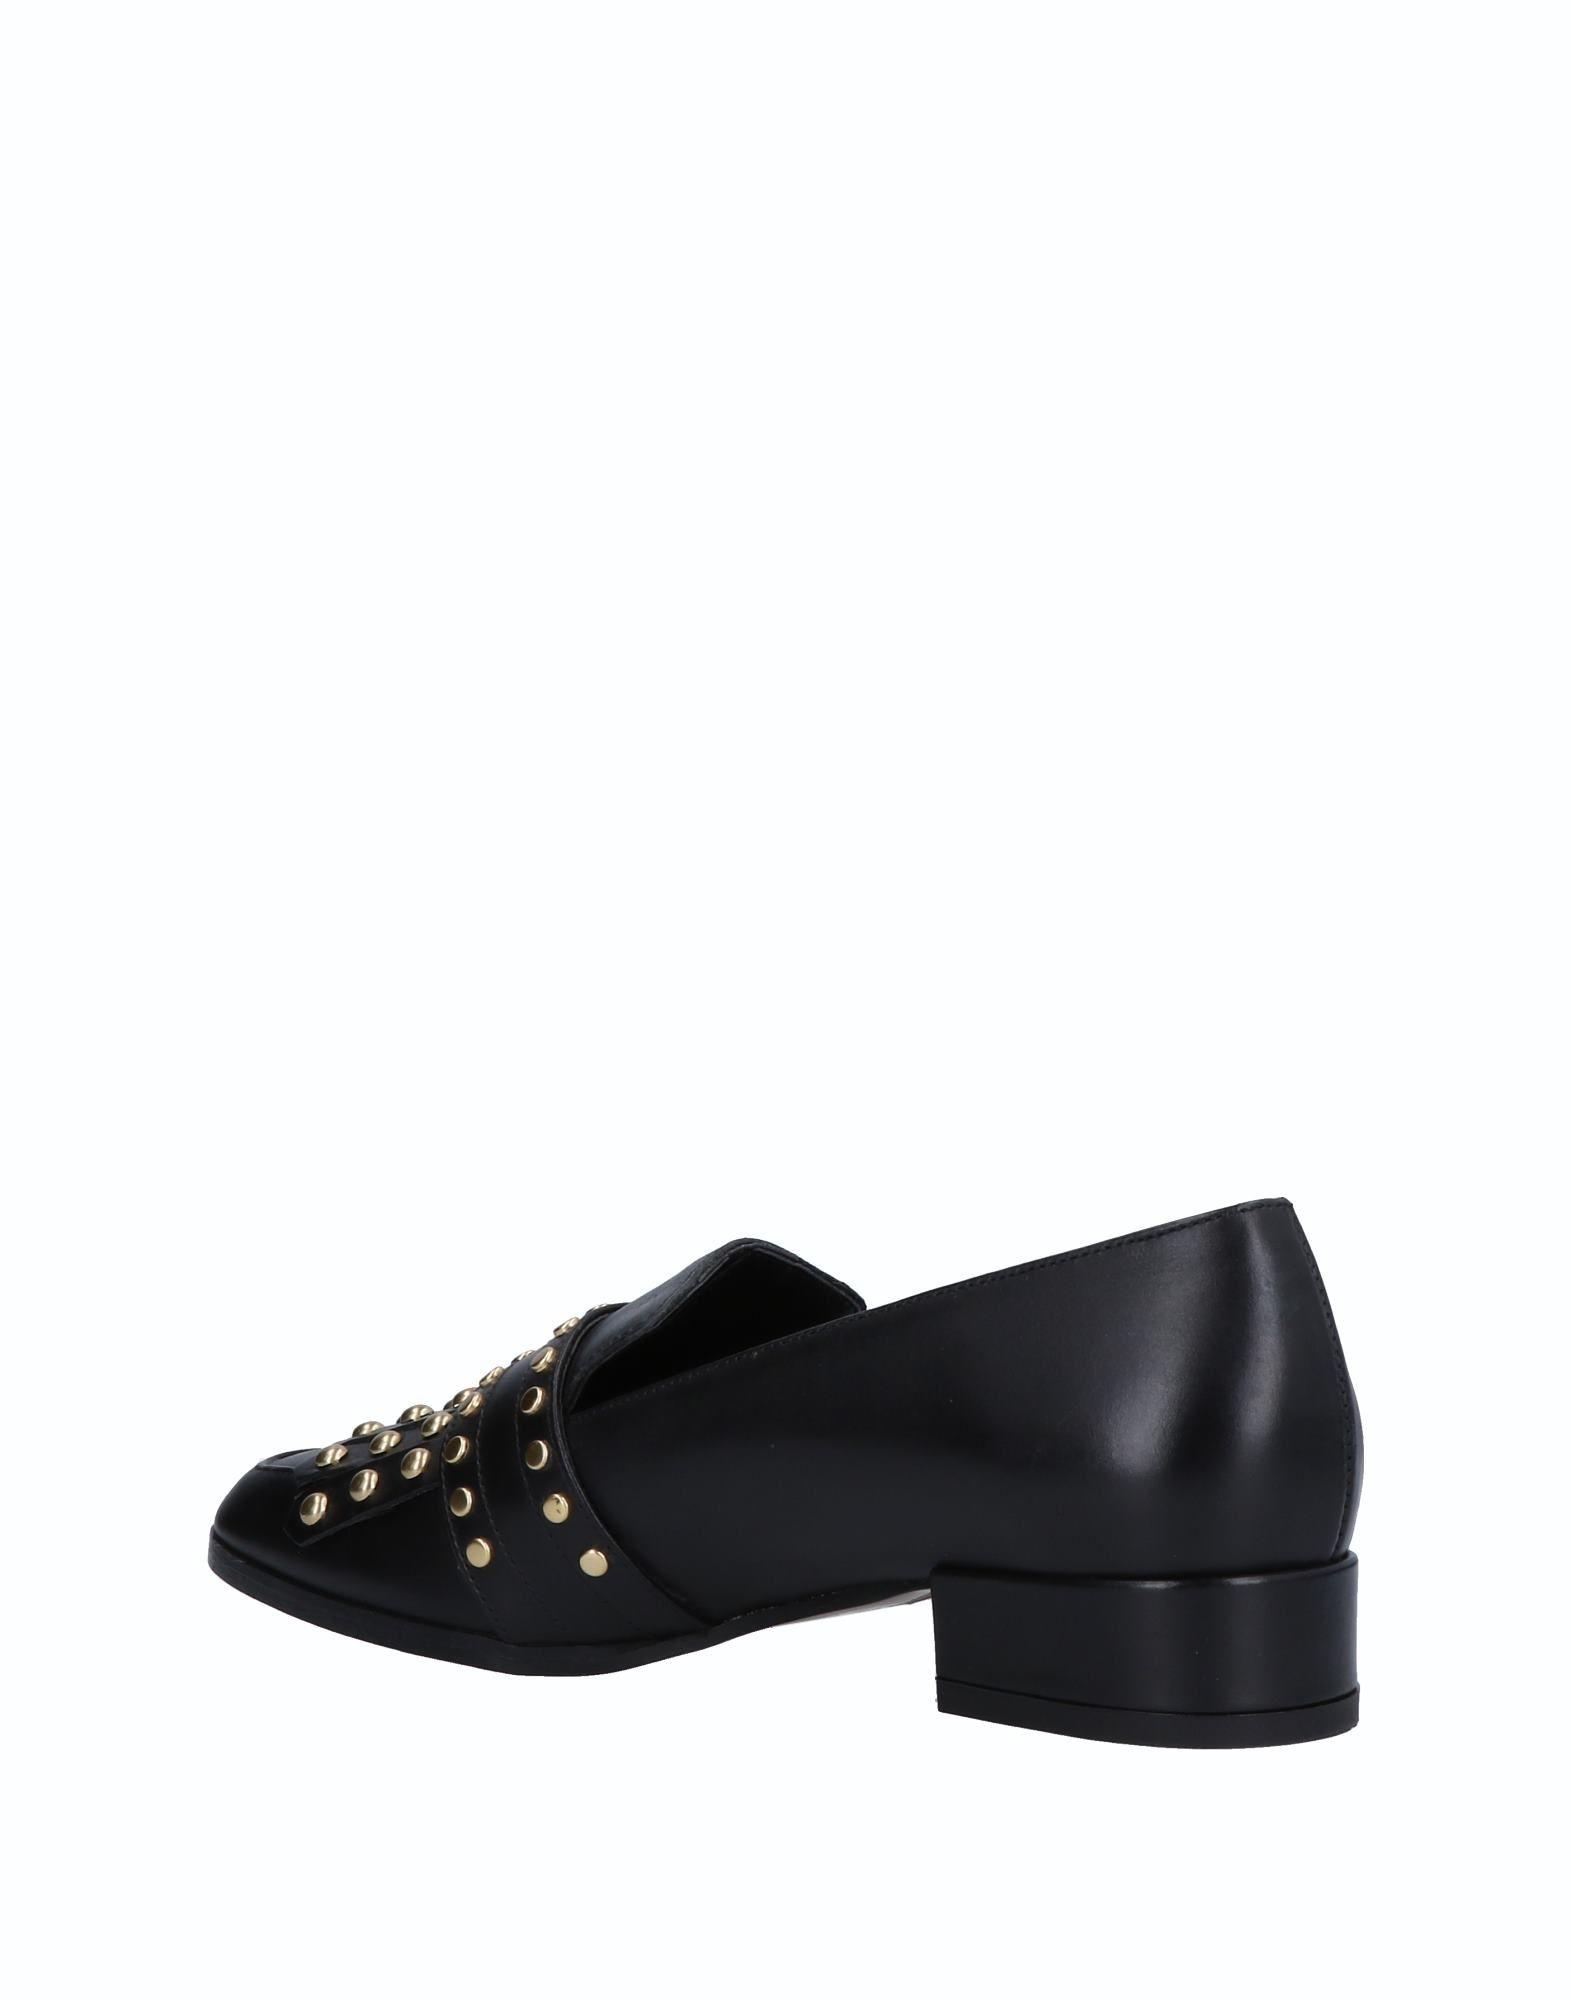 Chambre N°133 Mokassins Damen  11512334DP Gute Qualität beliebte Schuhe